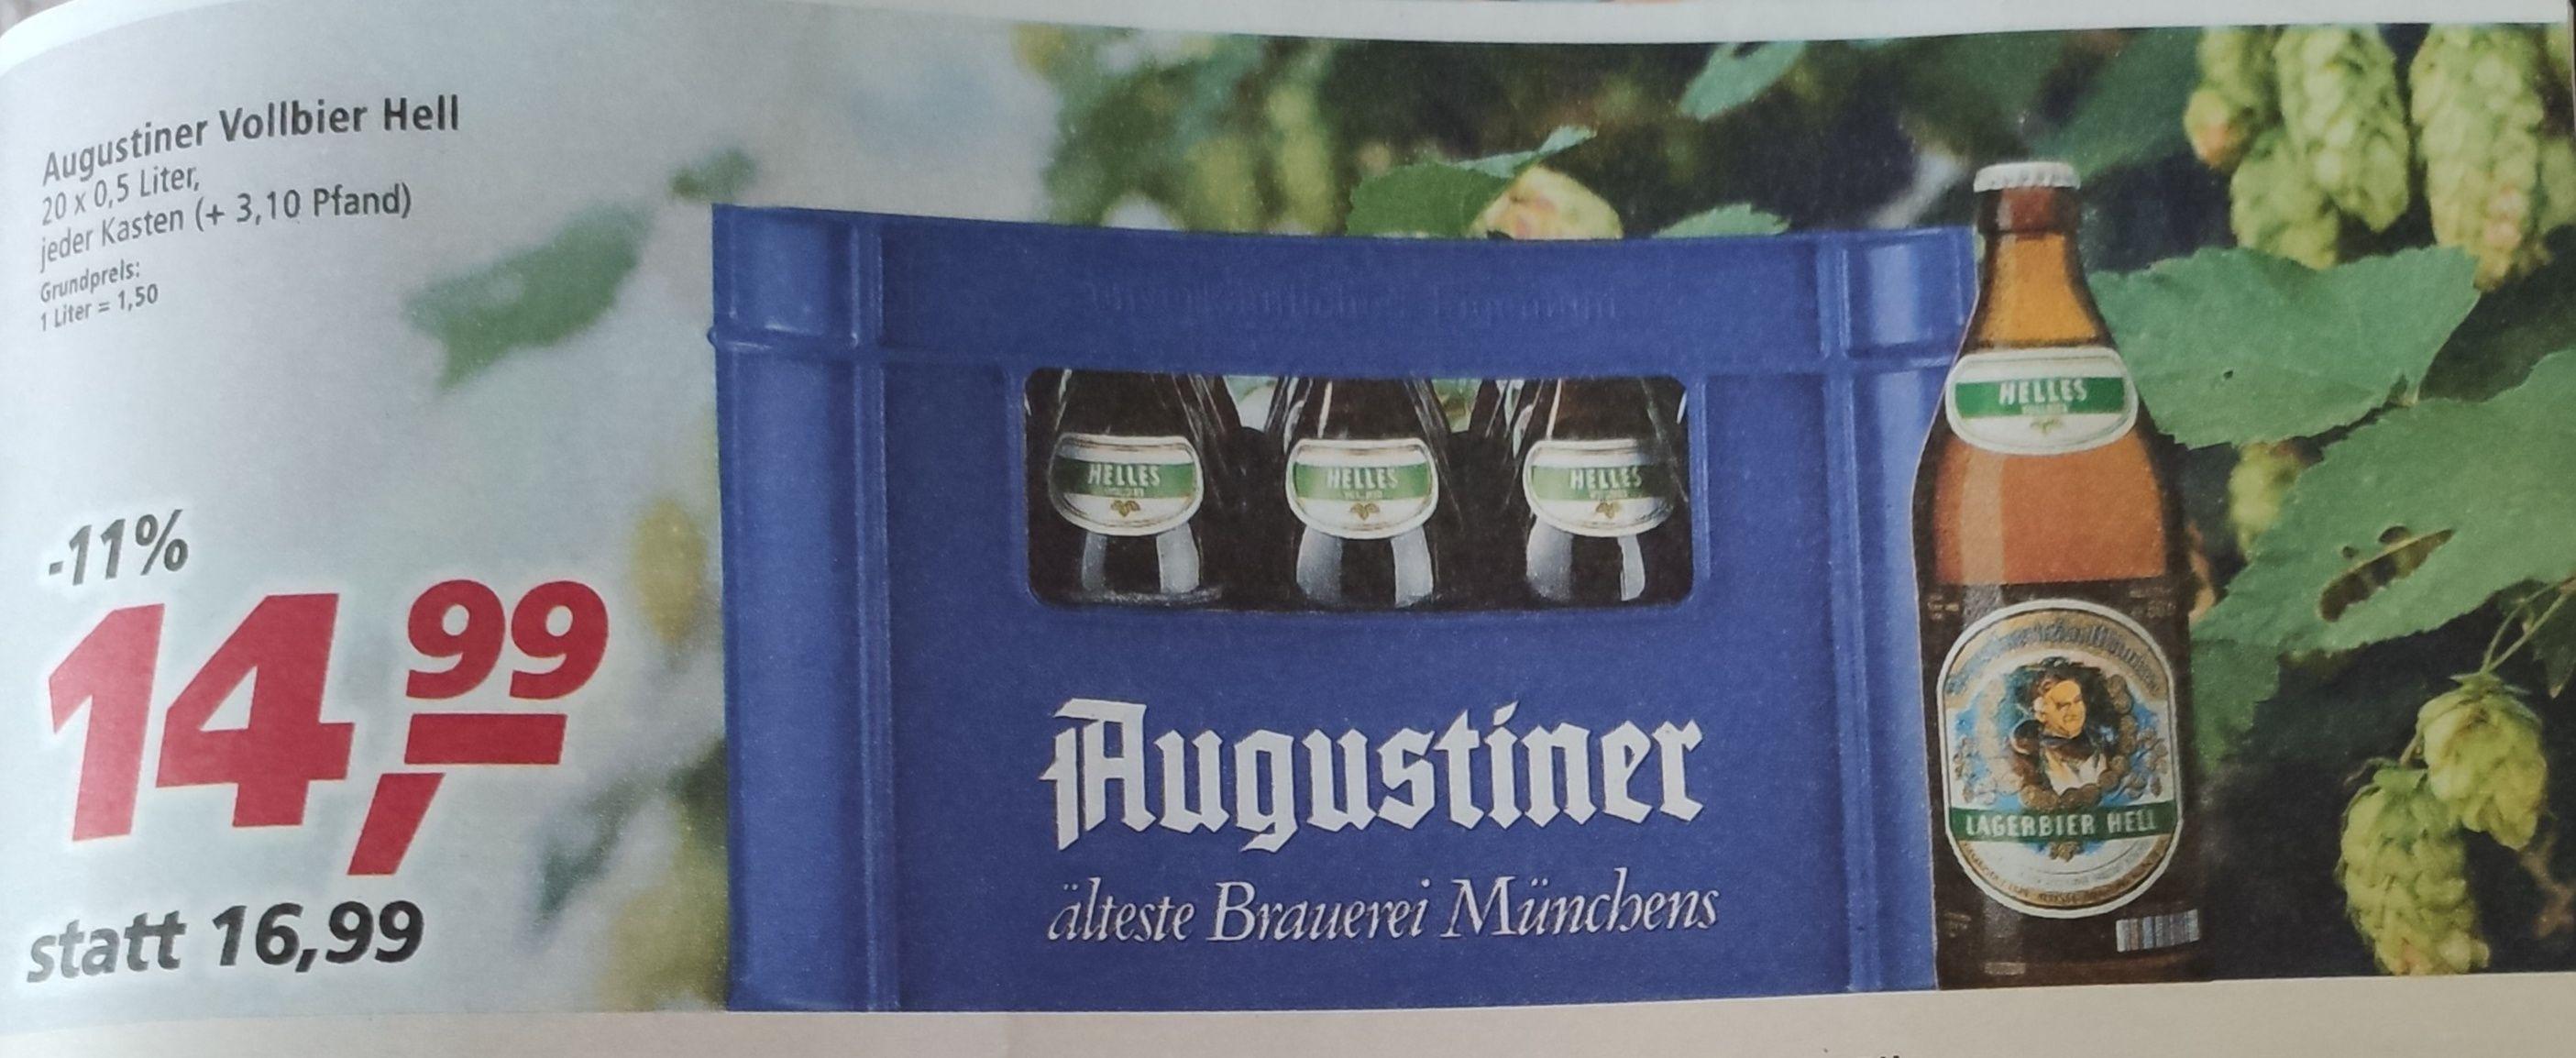 [Real Markt evtl. lokal] Augustiner Helles Vollbier Kiste 20 x 0,5 Liter für 14,99€ Bier | Benediktiner 15,99 | König Ludwig 12,99€